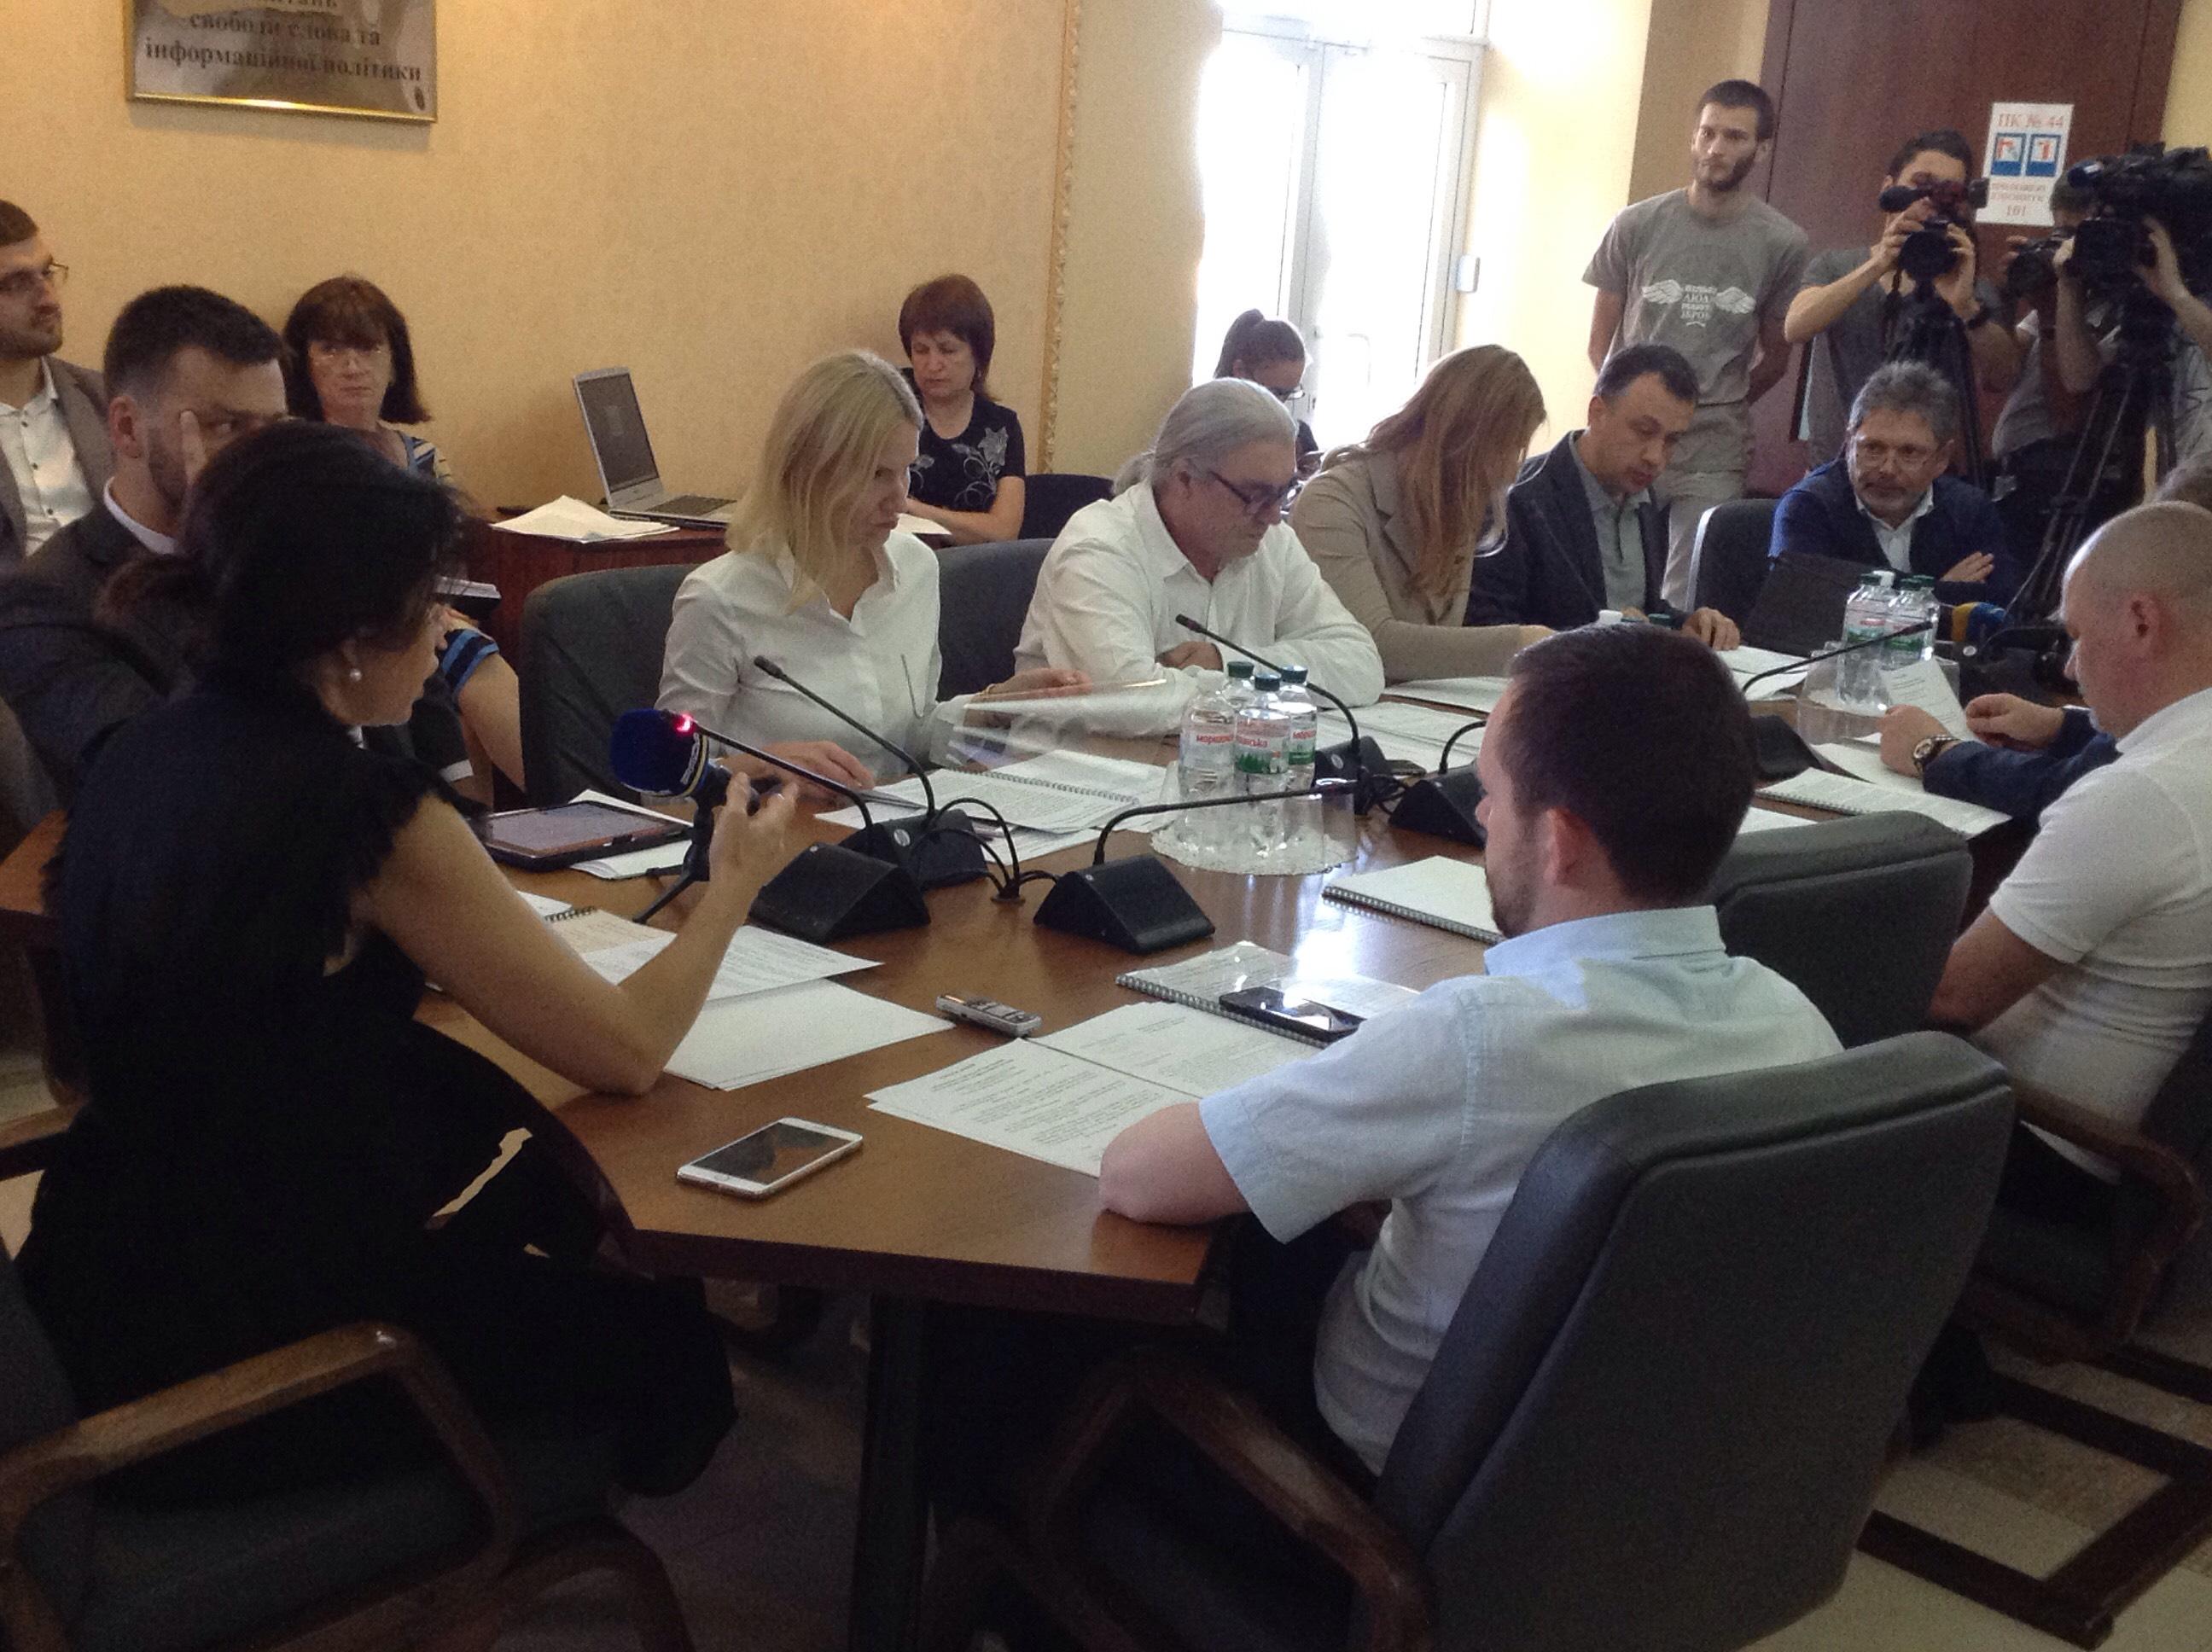 Комітет свободи слова схвалив Комунікаційну стратегію парламенту на 2017-2021 роки